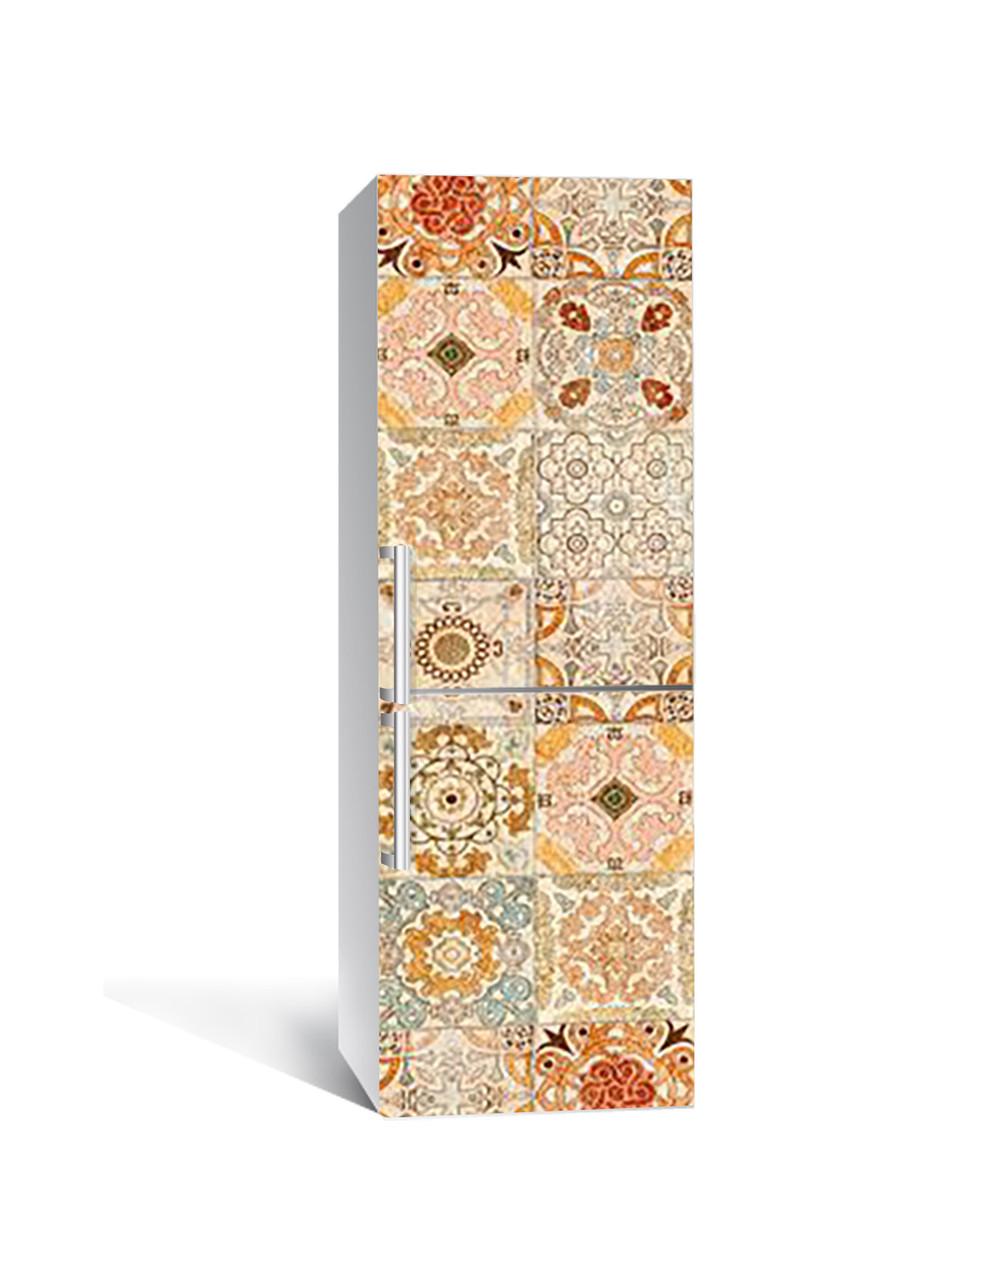 Виниловая 3Д наклейка на холодильник Теплый Орнамент (самоклеющаяся пленка ПВХ) узоры Абстракция Бежевый 650*2000 мм